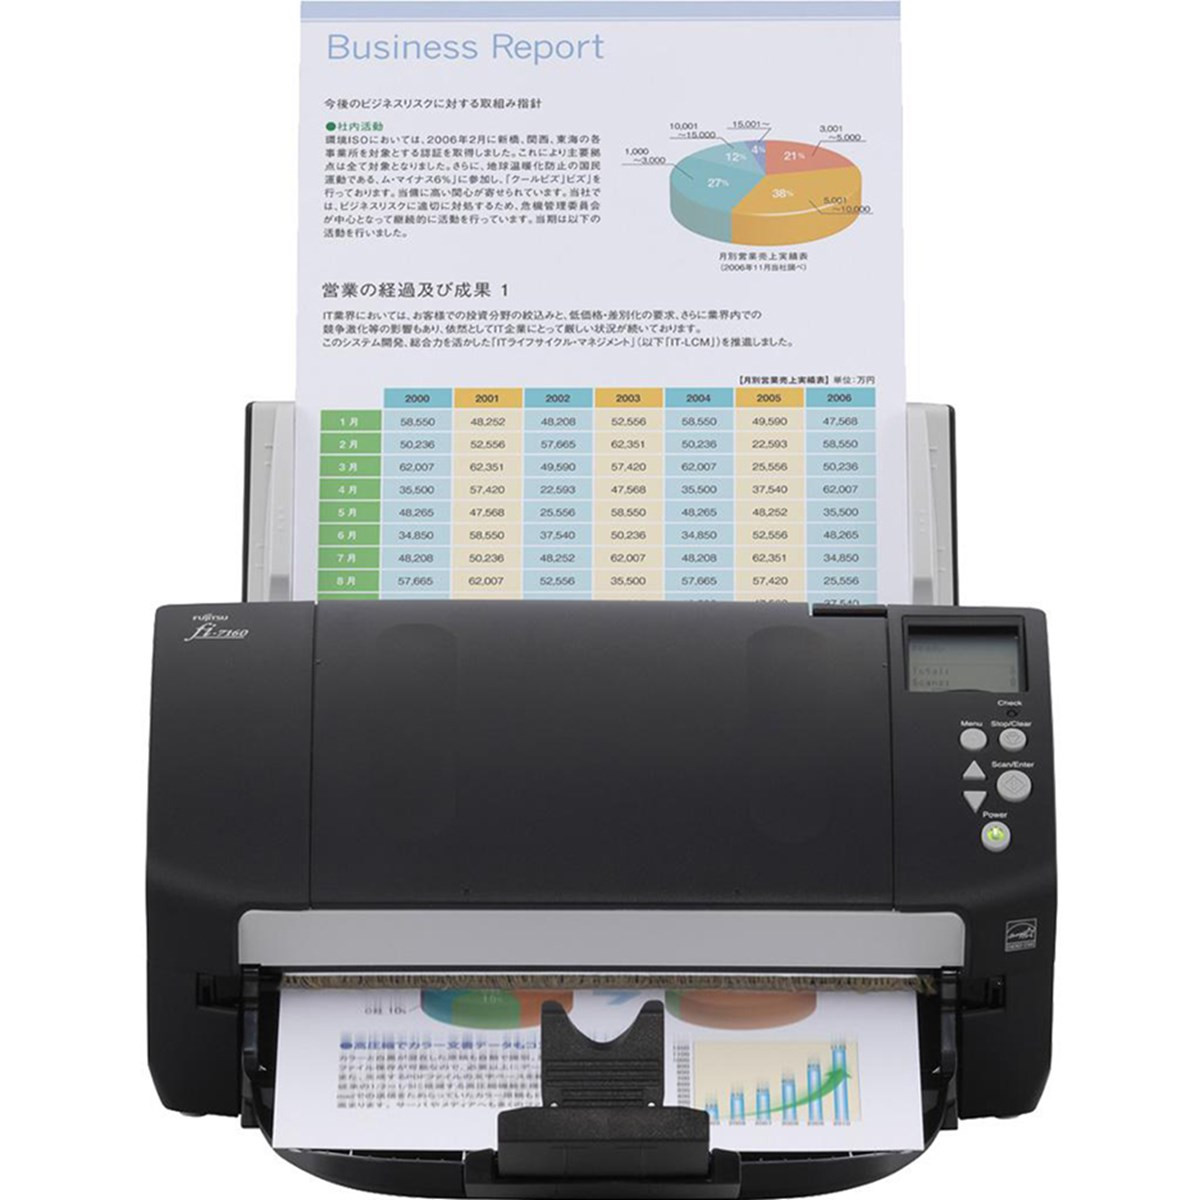 Scanner Fujitsu FI-7160 FI7160 | Conexão USB Até Tamanho Ofício ADF para 80 Folhas com Duplex